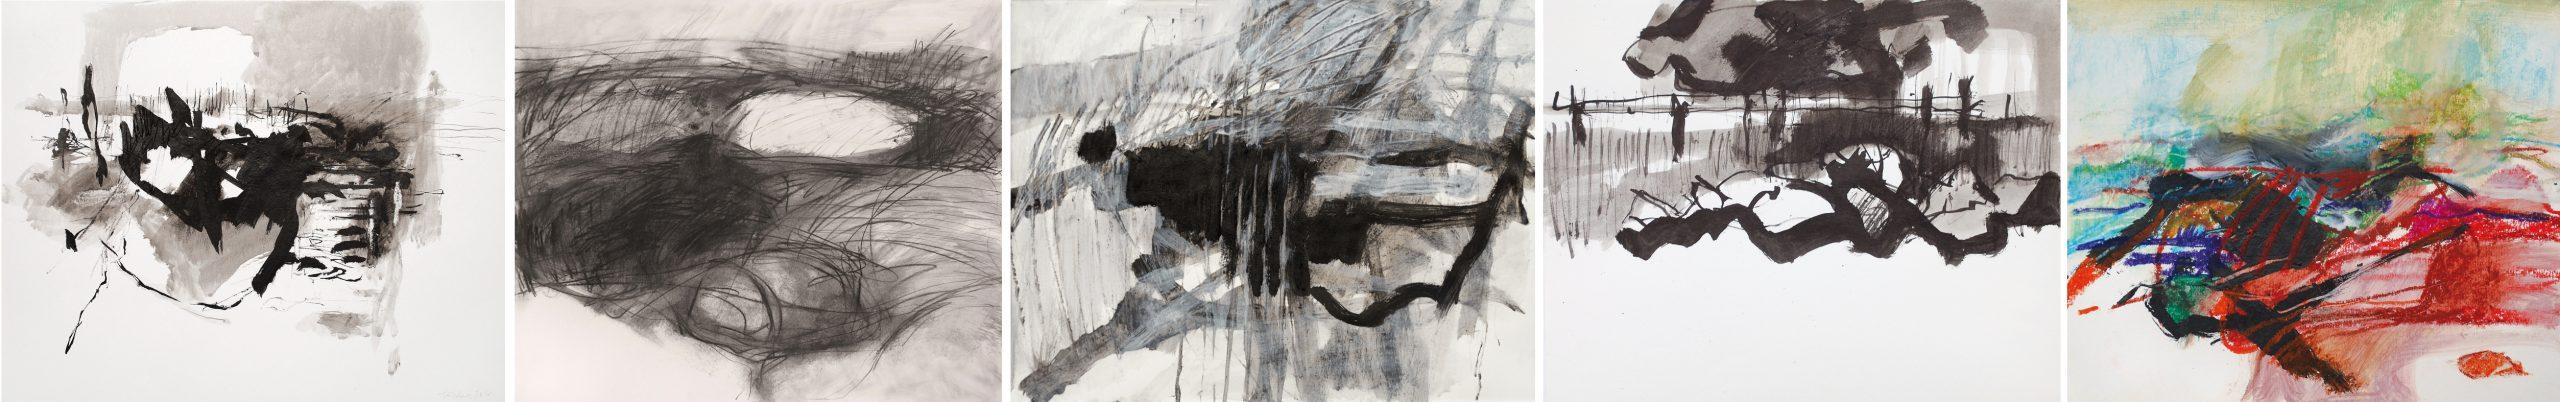 40 x 50 cm, tusche, 50 x 60 cm, grafit, 27 x 35 cm, lithotusche, 27 x 35 cm, tusche, 20 x 25 cm, ölkreide/karton